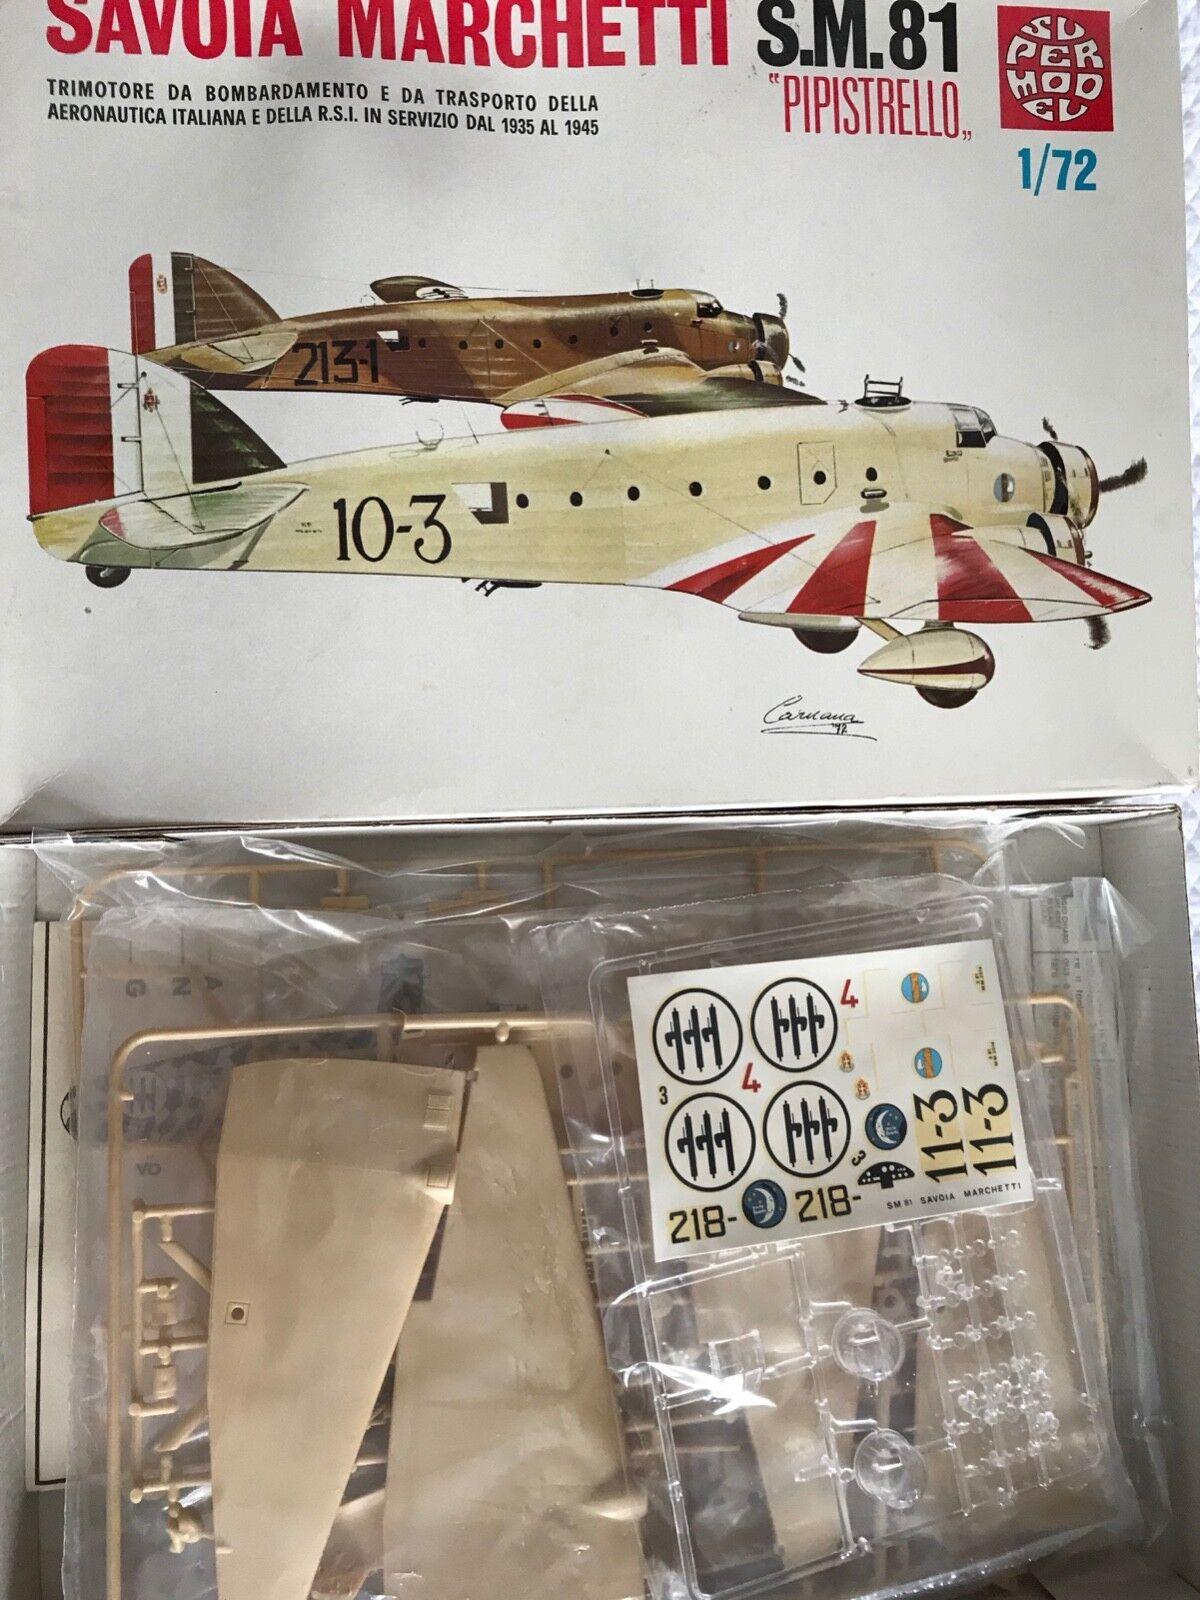 Super Model 1 72 scale Savoia Marchetti S.M. 84 Pipistrello